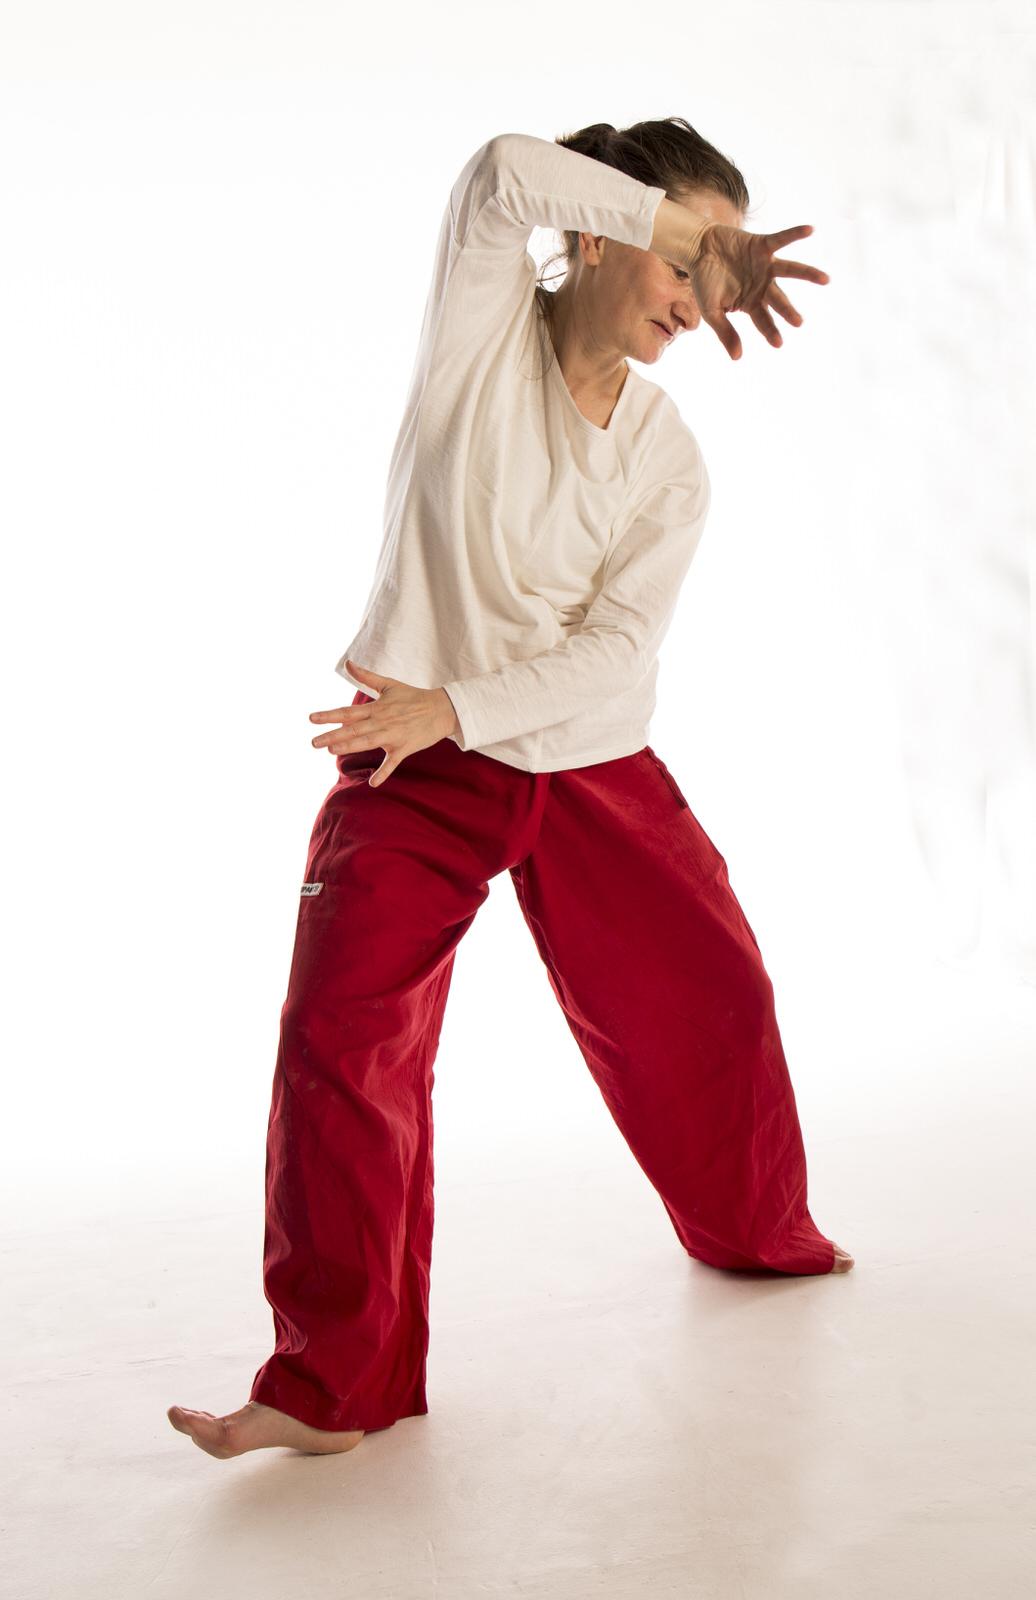 paula-turner-dance-artist-3.jpg